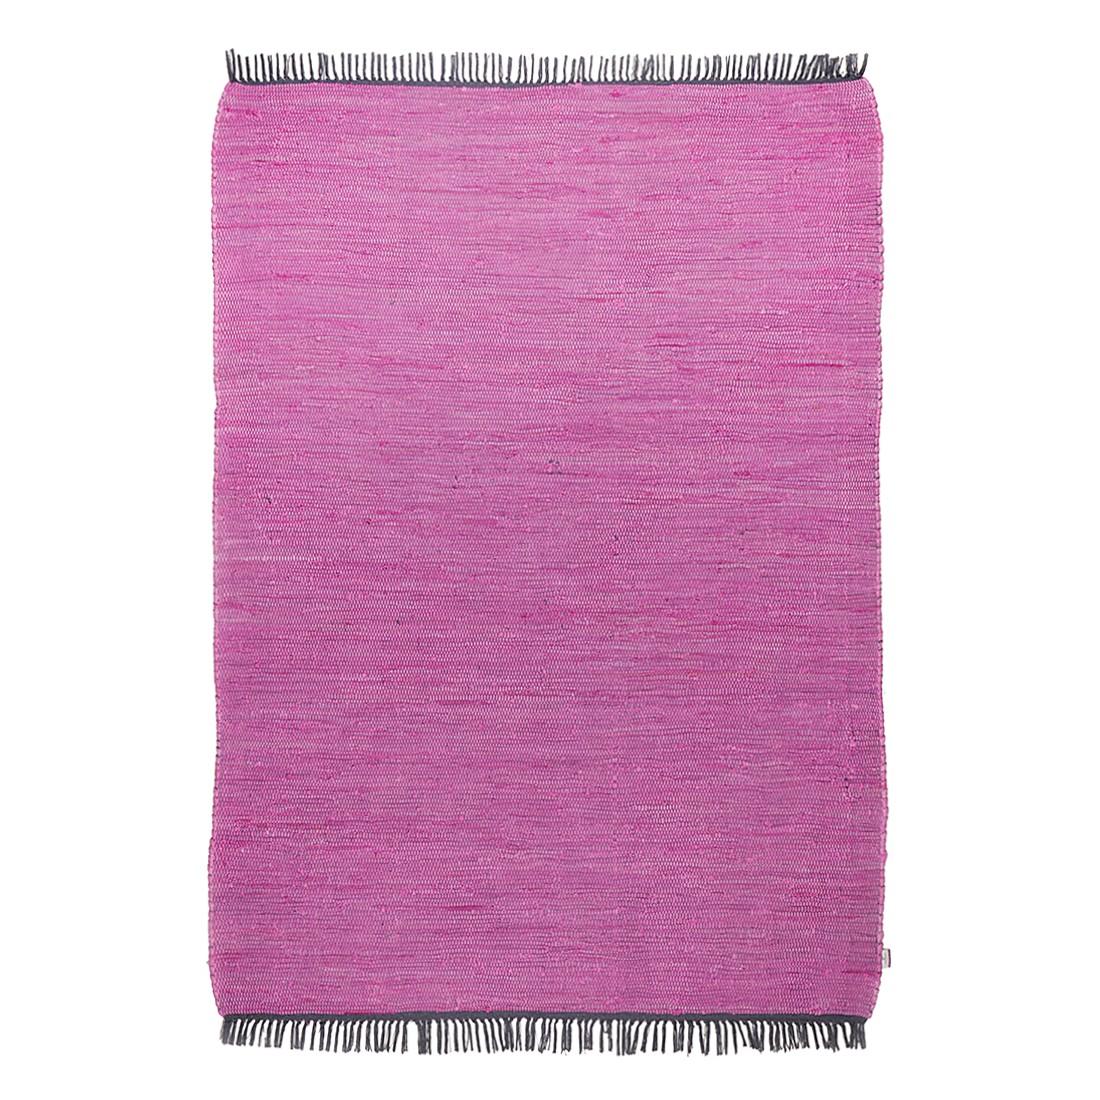 Teppich Cotton – Violett – Maße: 160 x 230 cm, Tom Tailor online bestellen